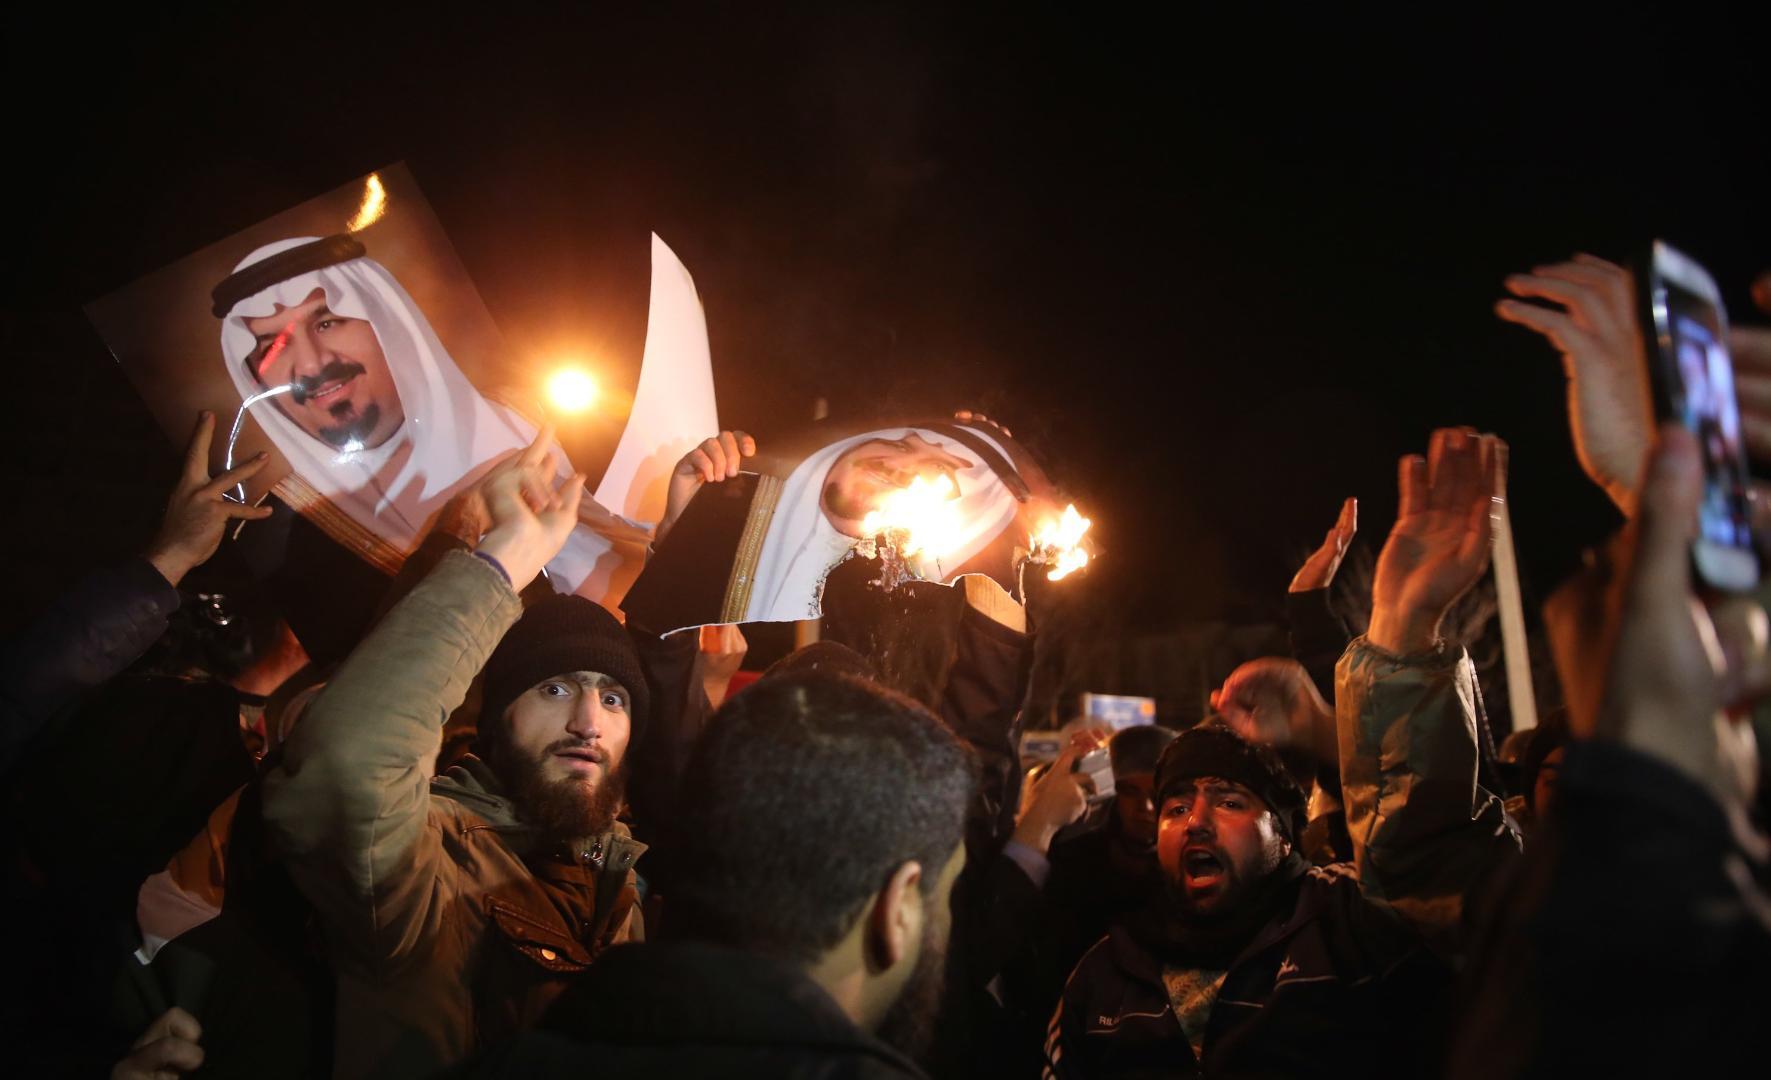 Saudi Arabia breaks diplomatic ties with Iran as crisis intensifies